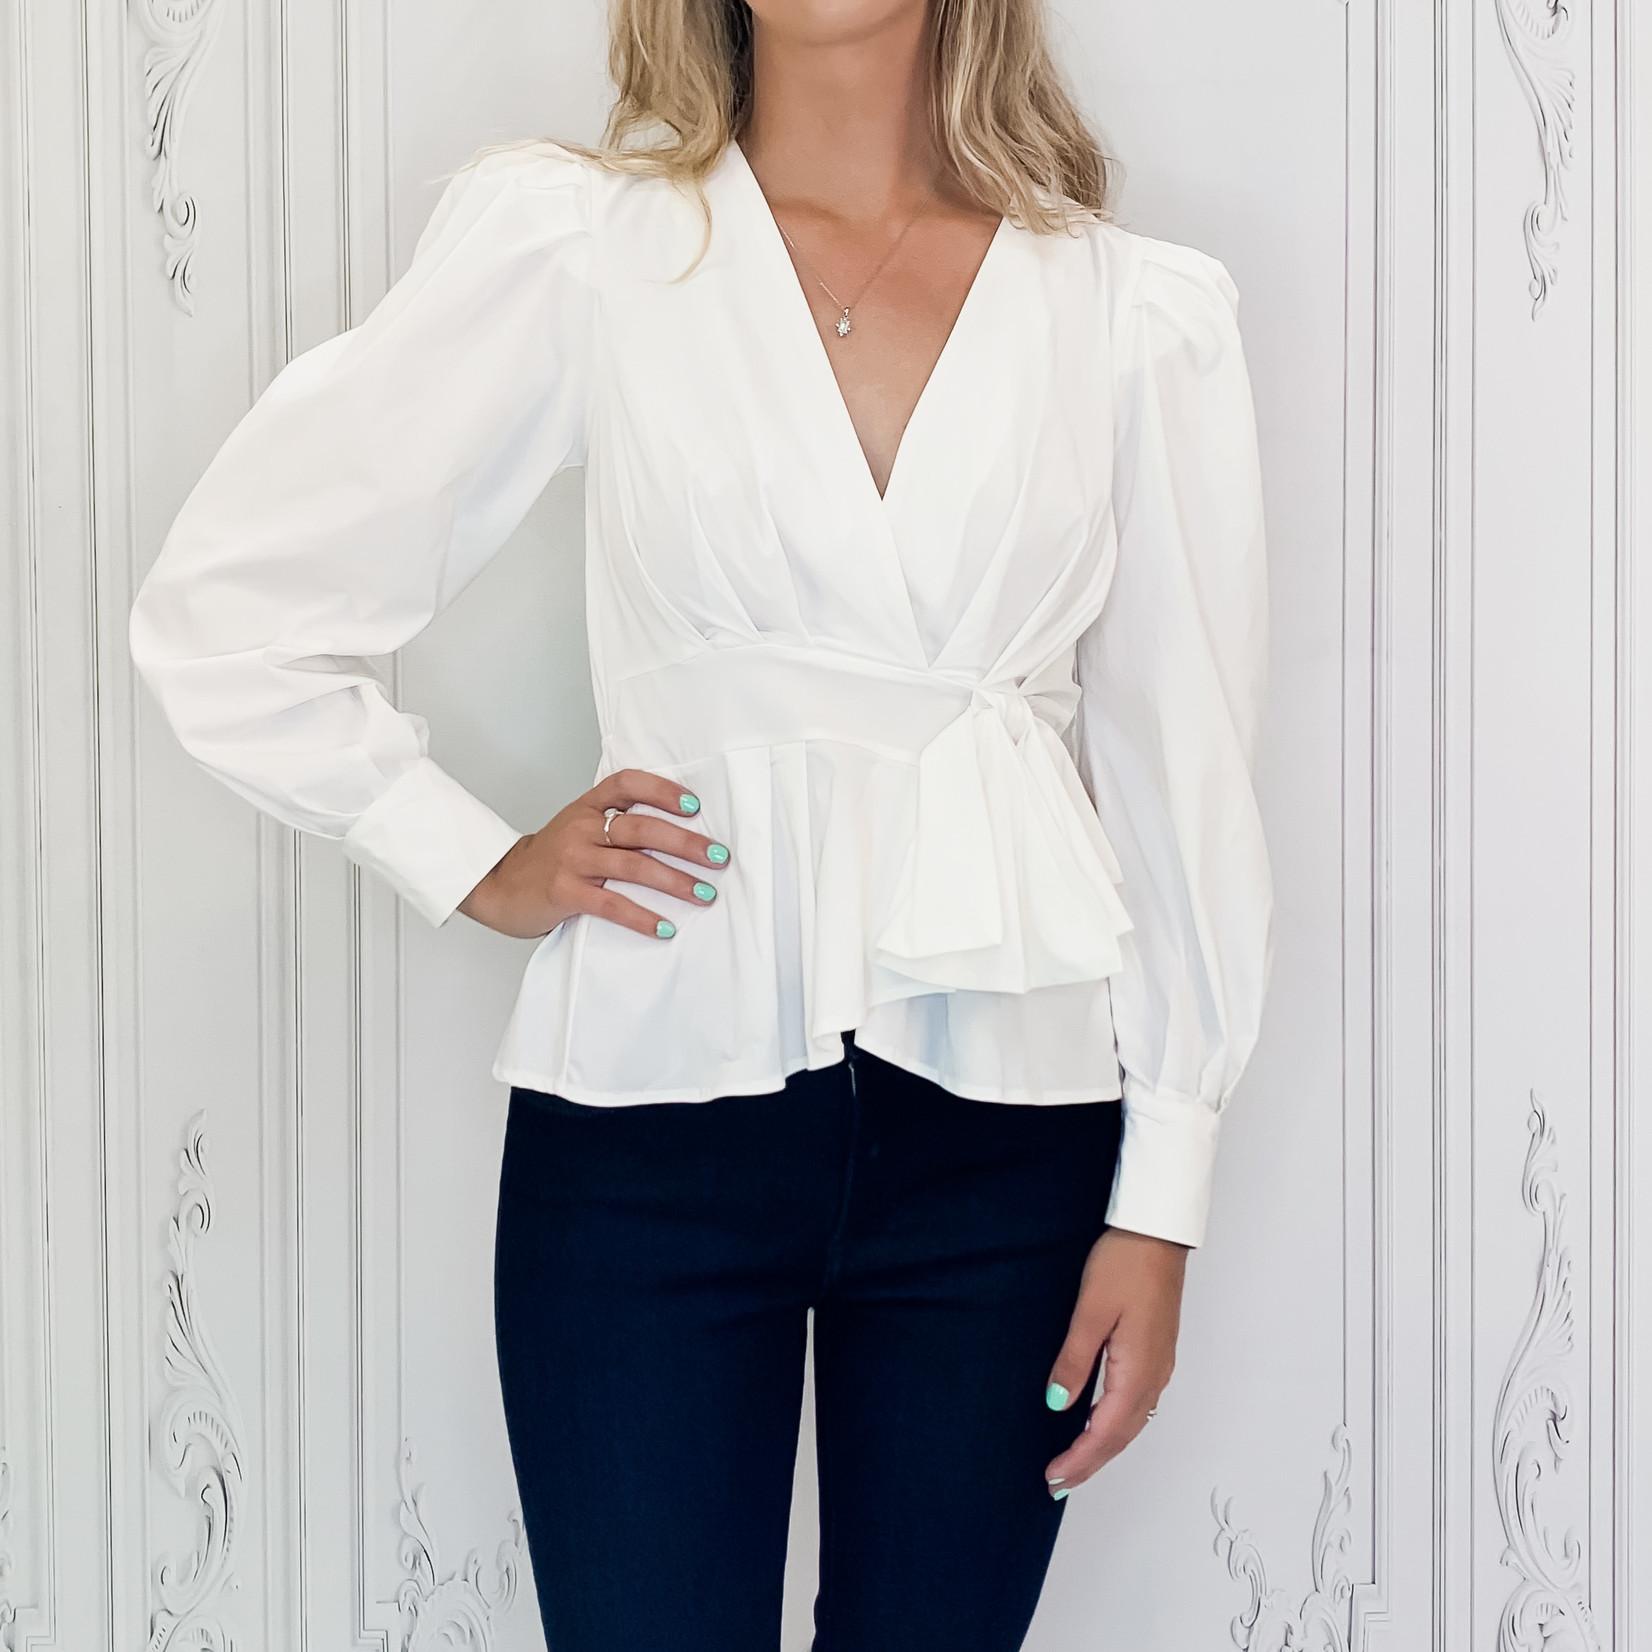 Ilyssa peplum waist tie blouse